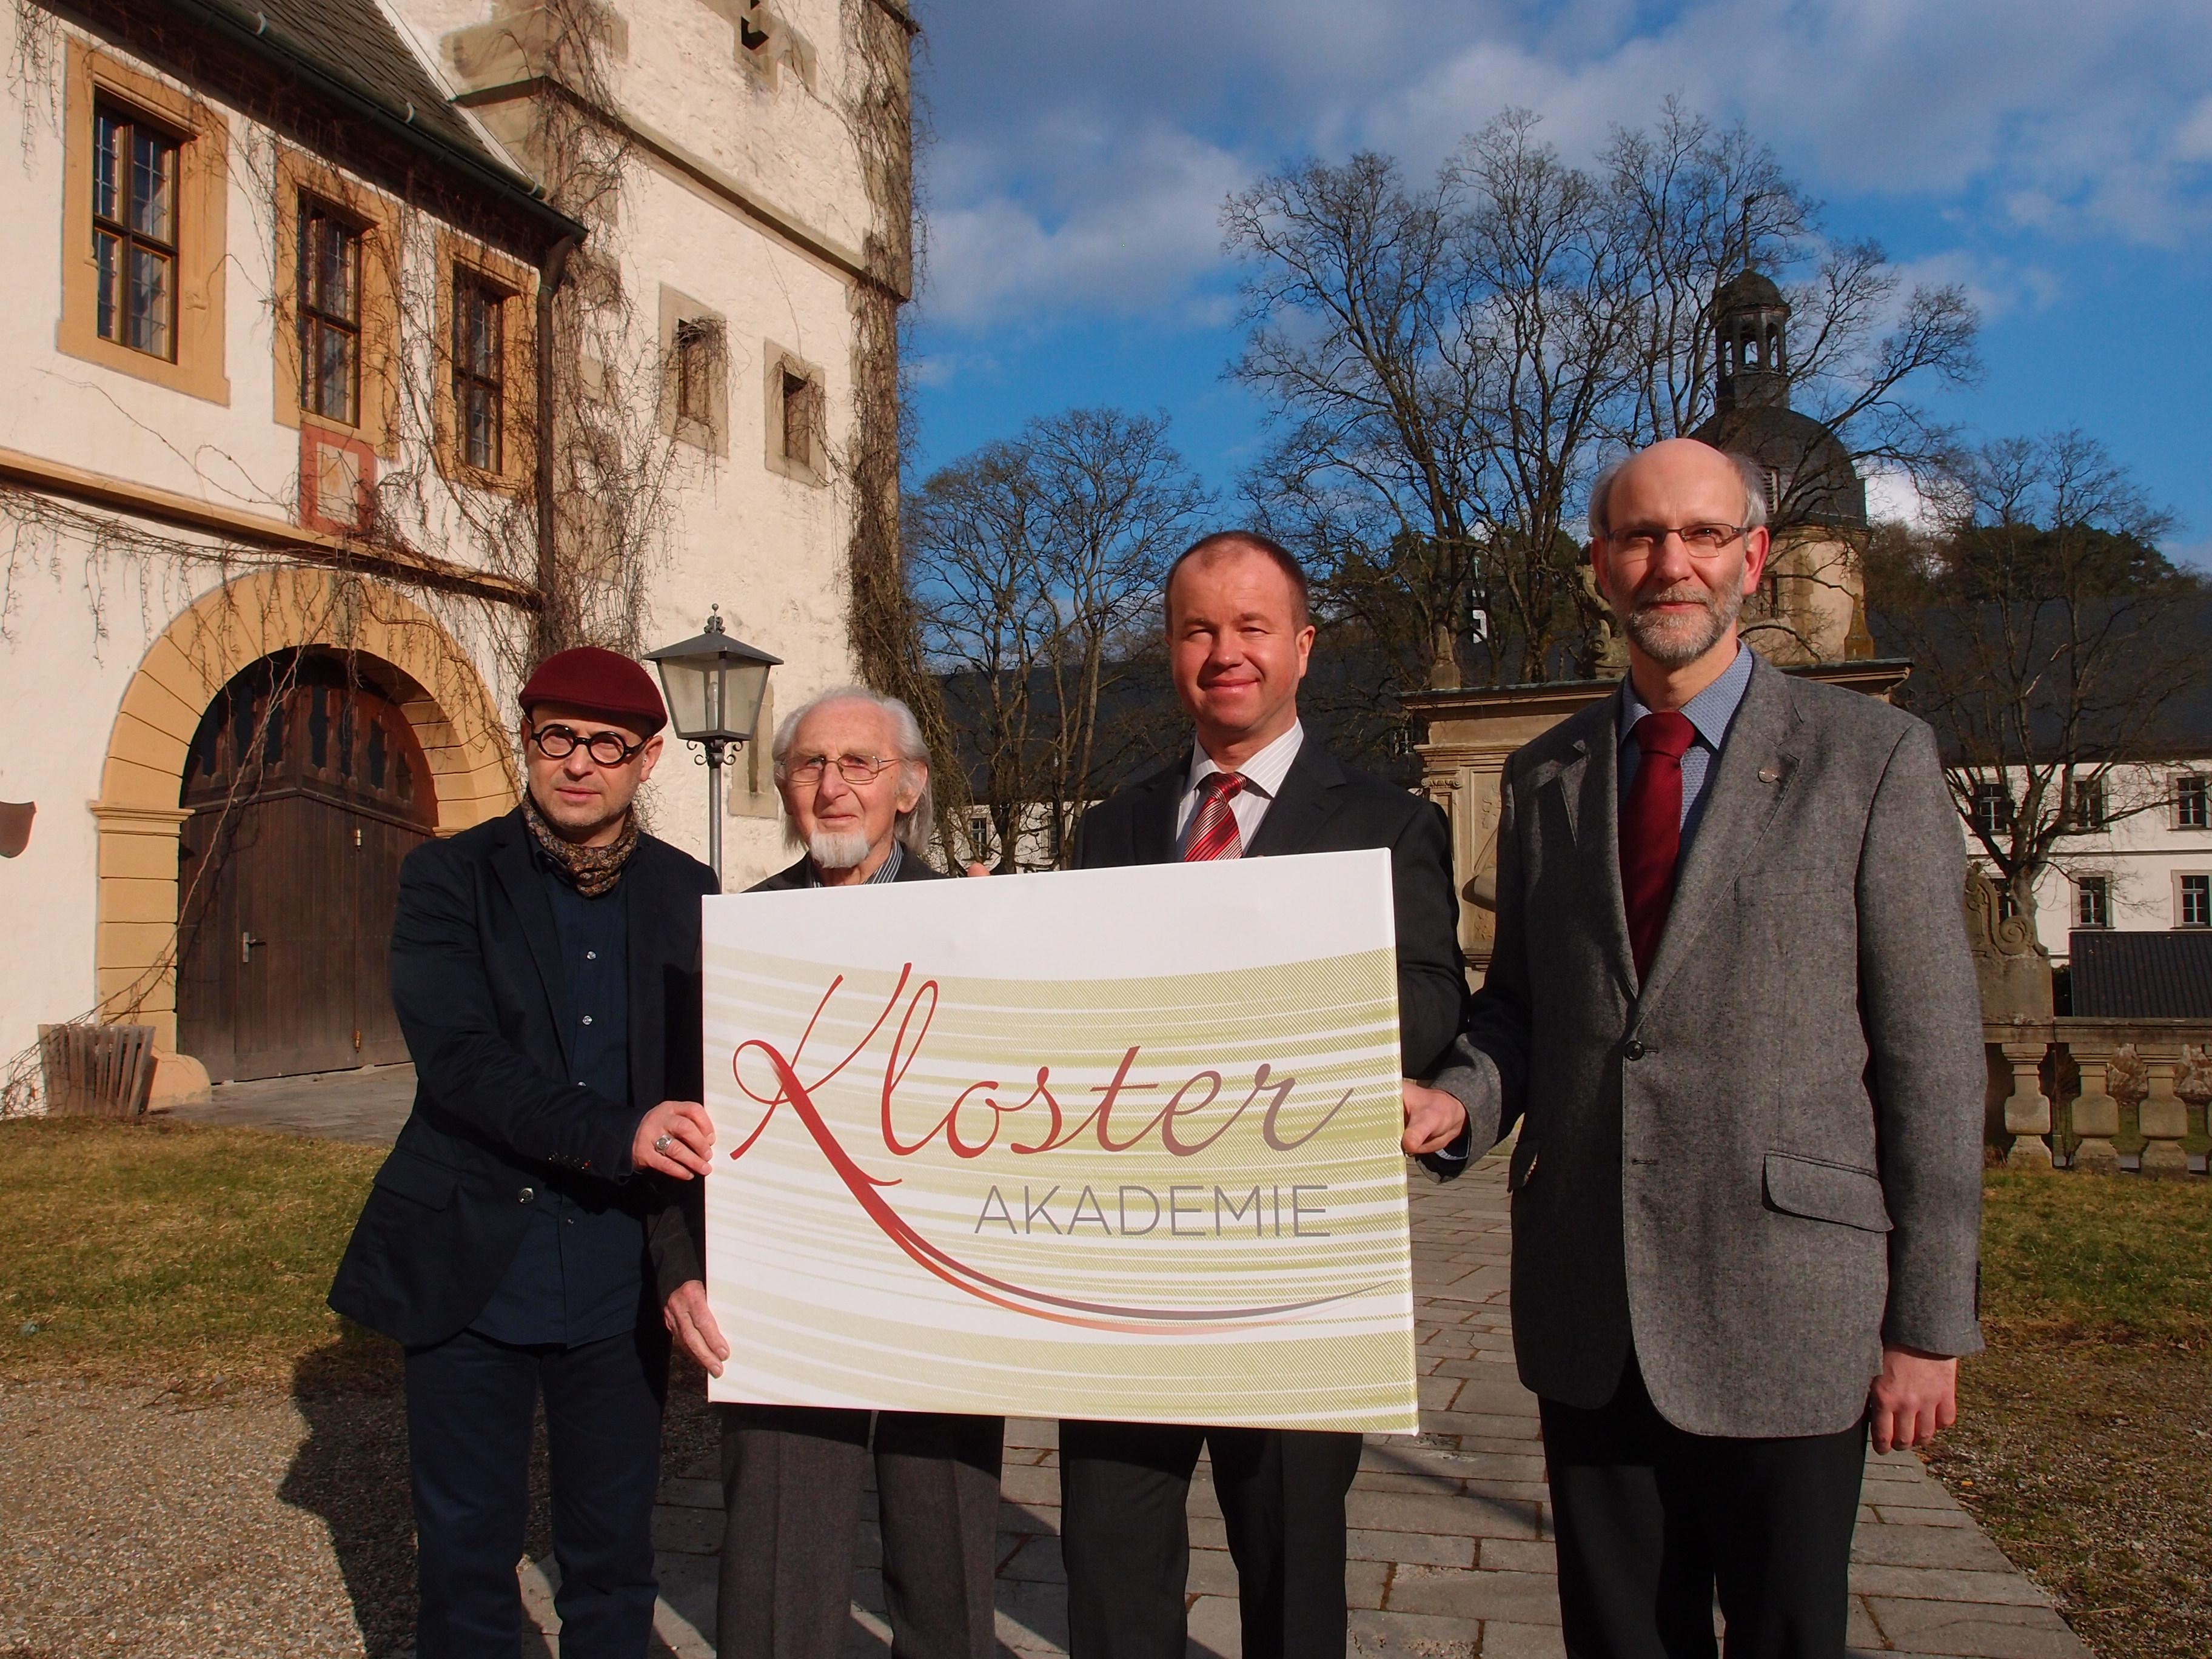 Die KlosterAkademie bietet Spiritualität, Natur und Kunst